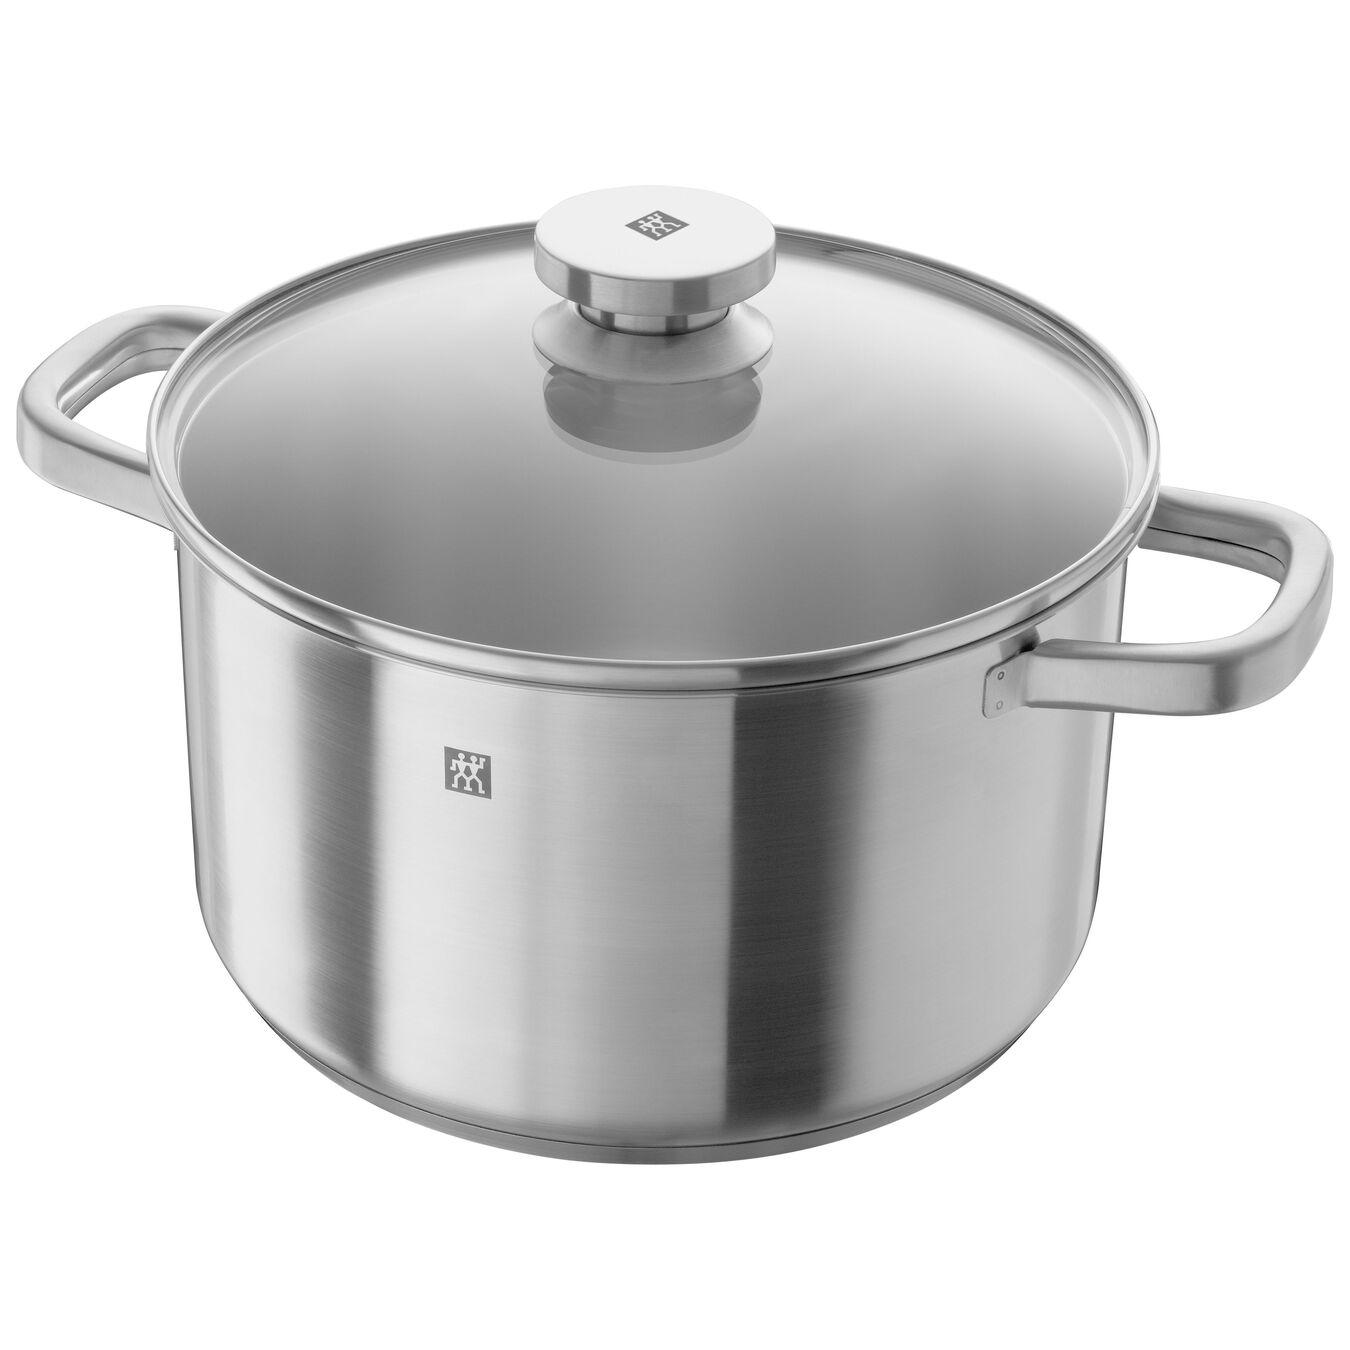 12-pcs 18/10 Stainless Steel Ensemble de casseroles et poêles,,large 5